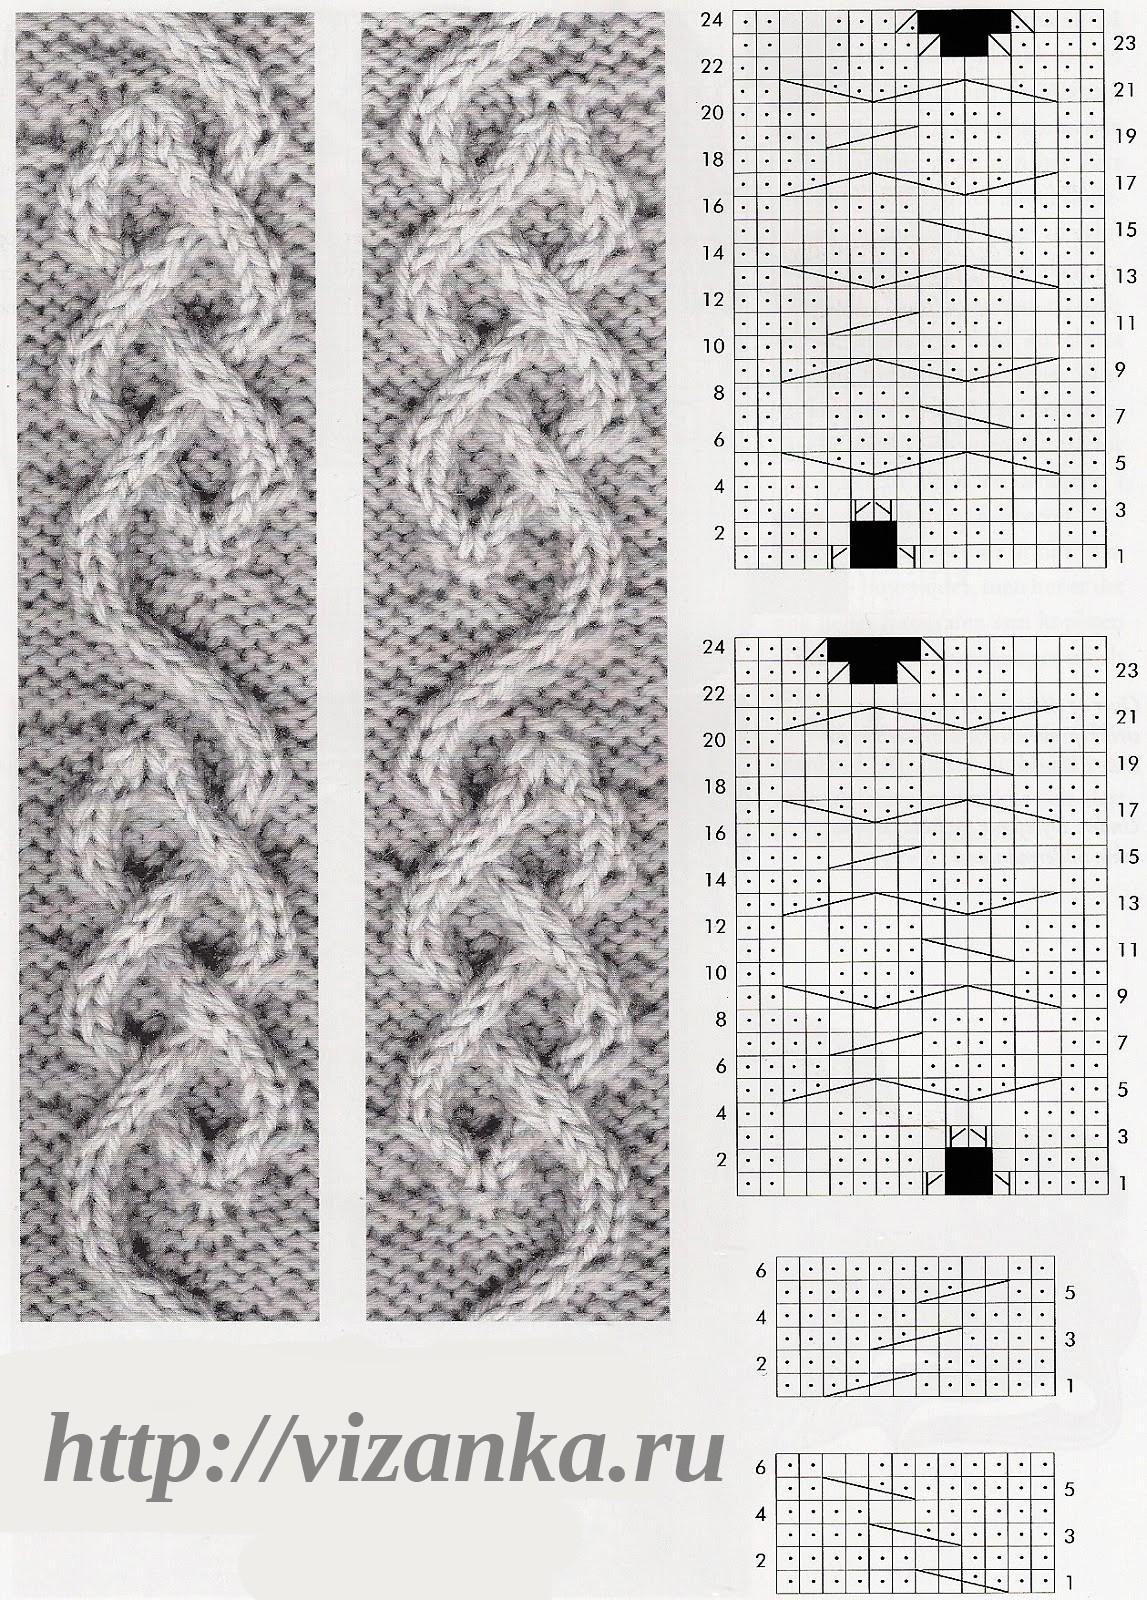 аран для свитера